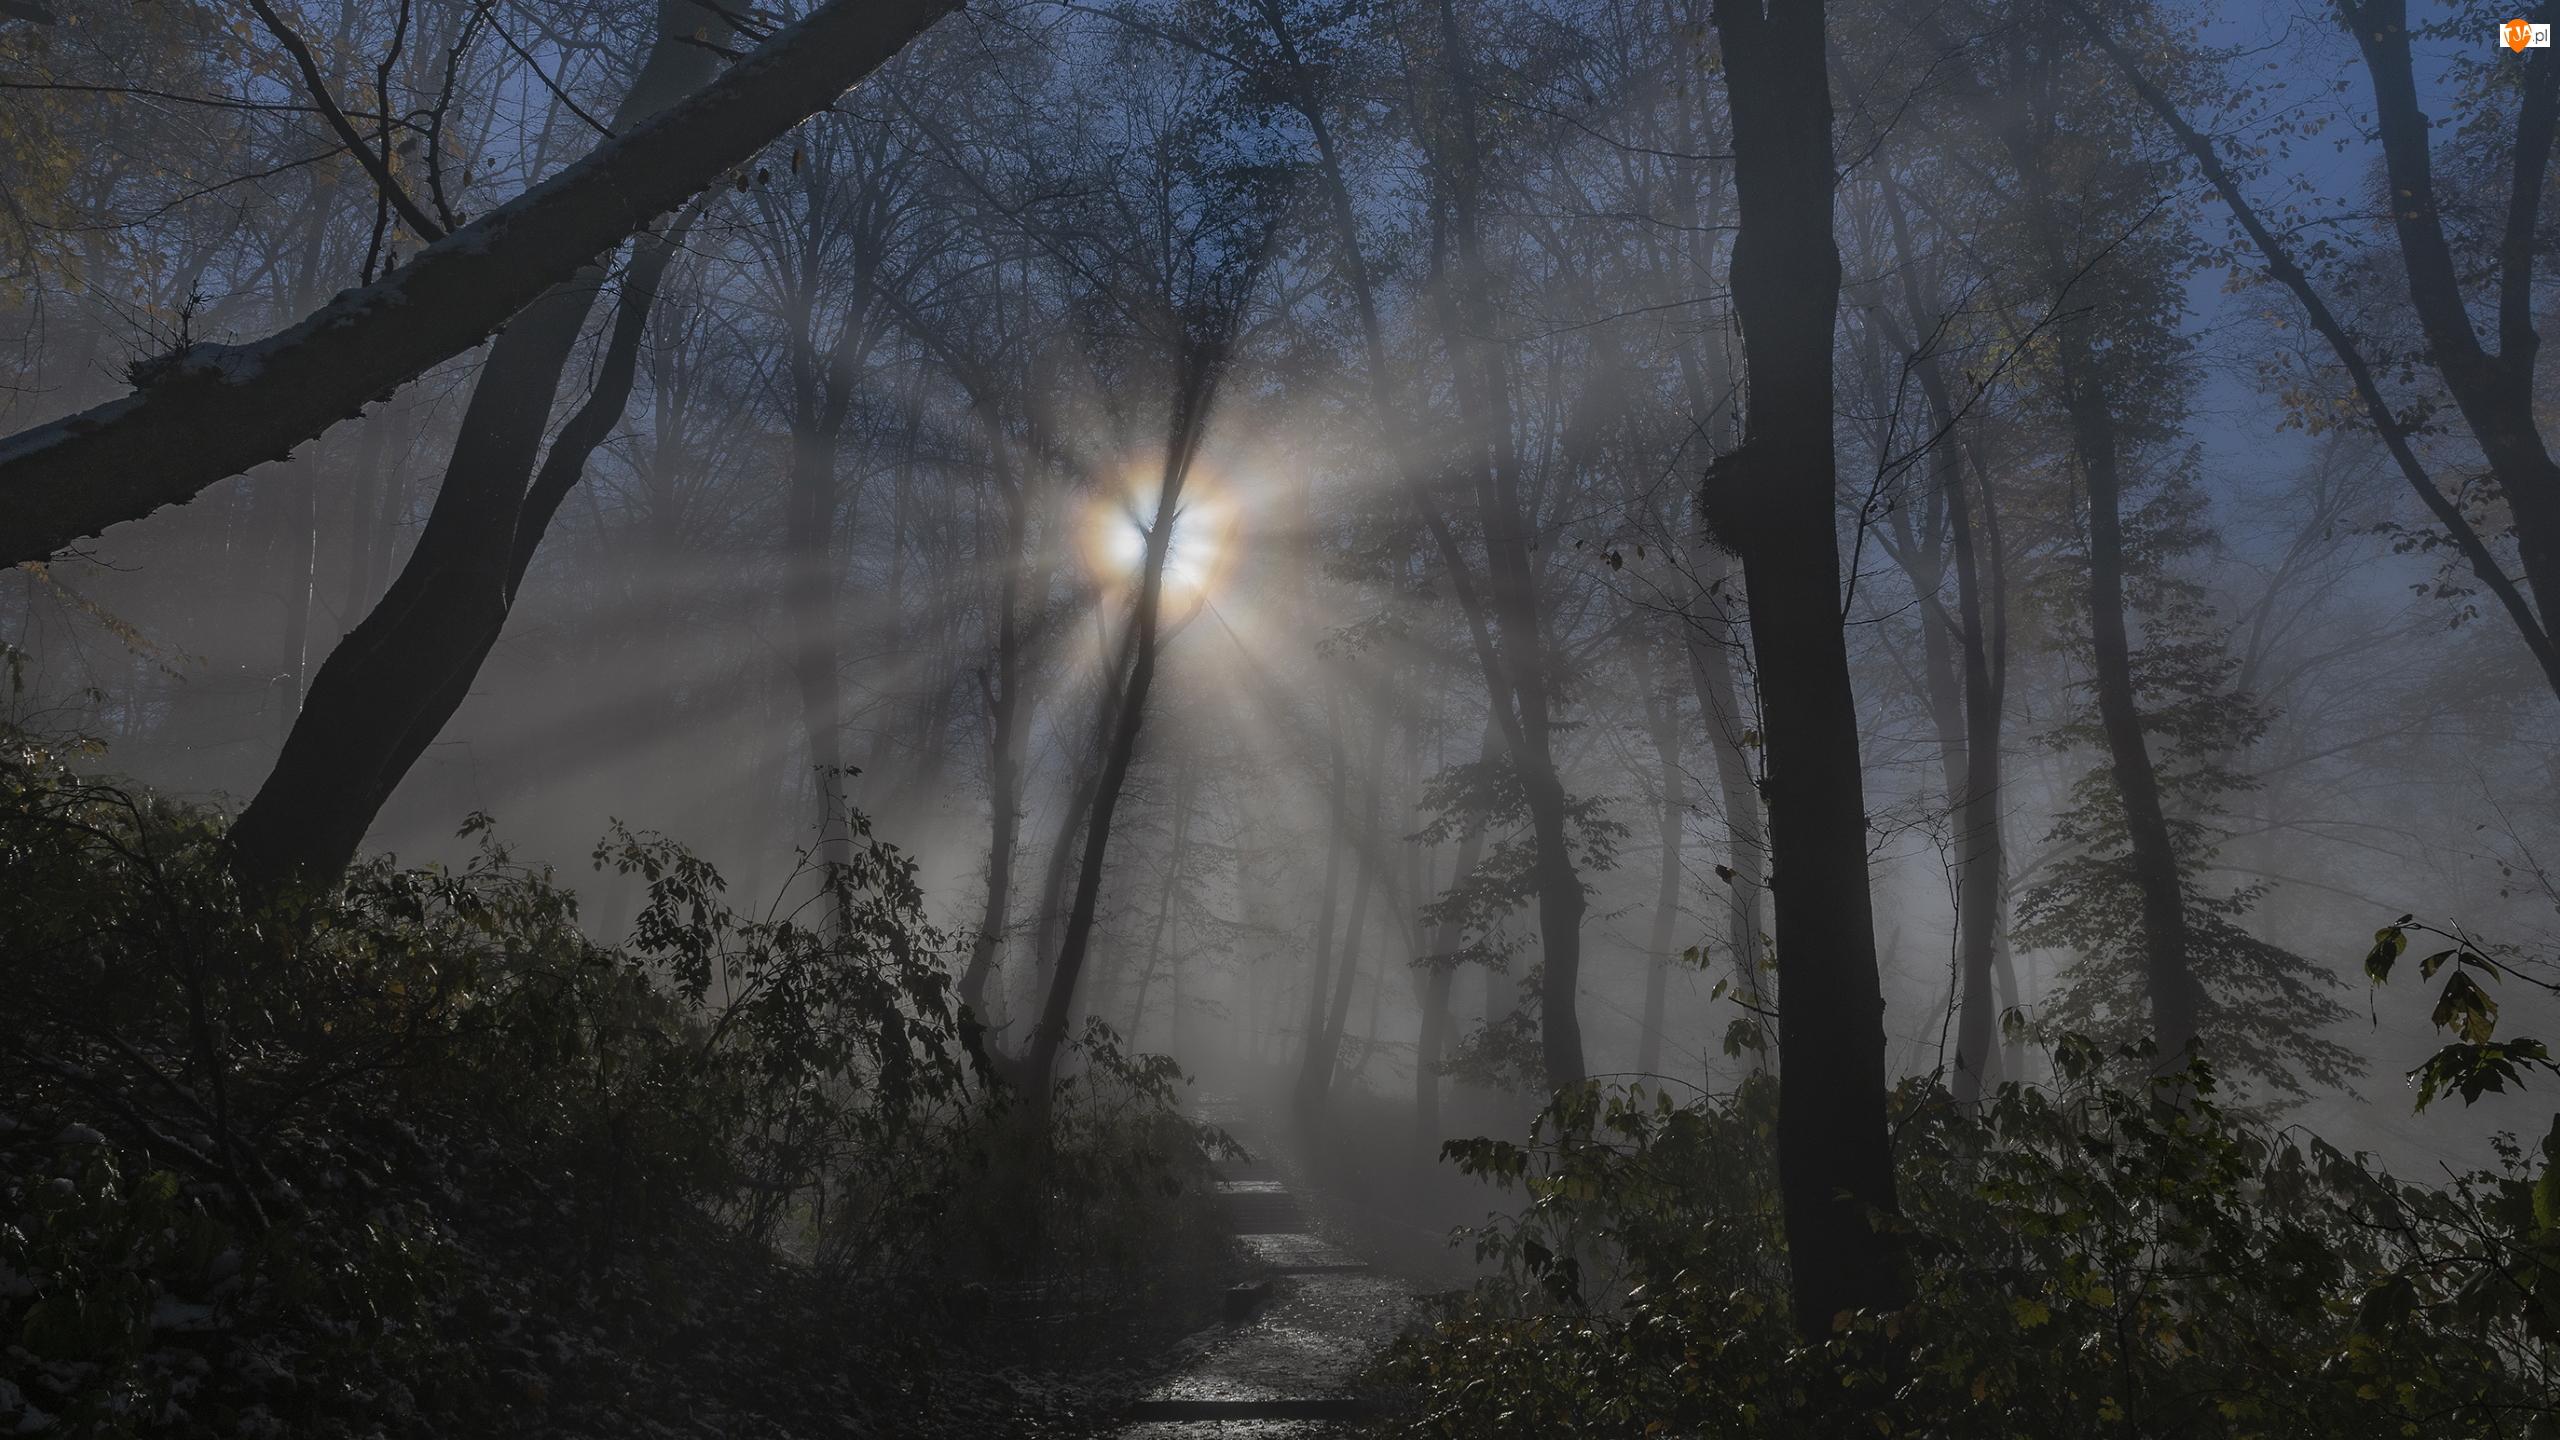 Drzewa, Przebijające światło, Las, Noc, Ścieżka